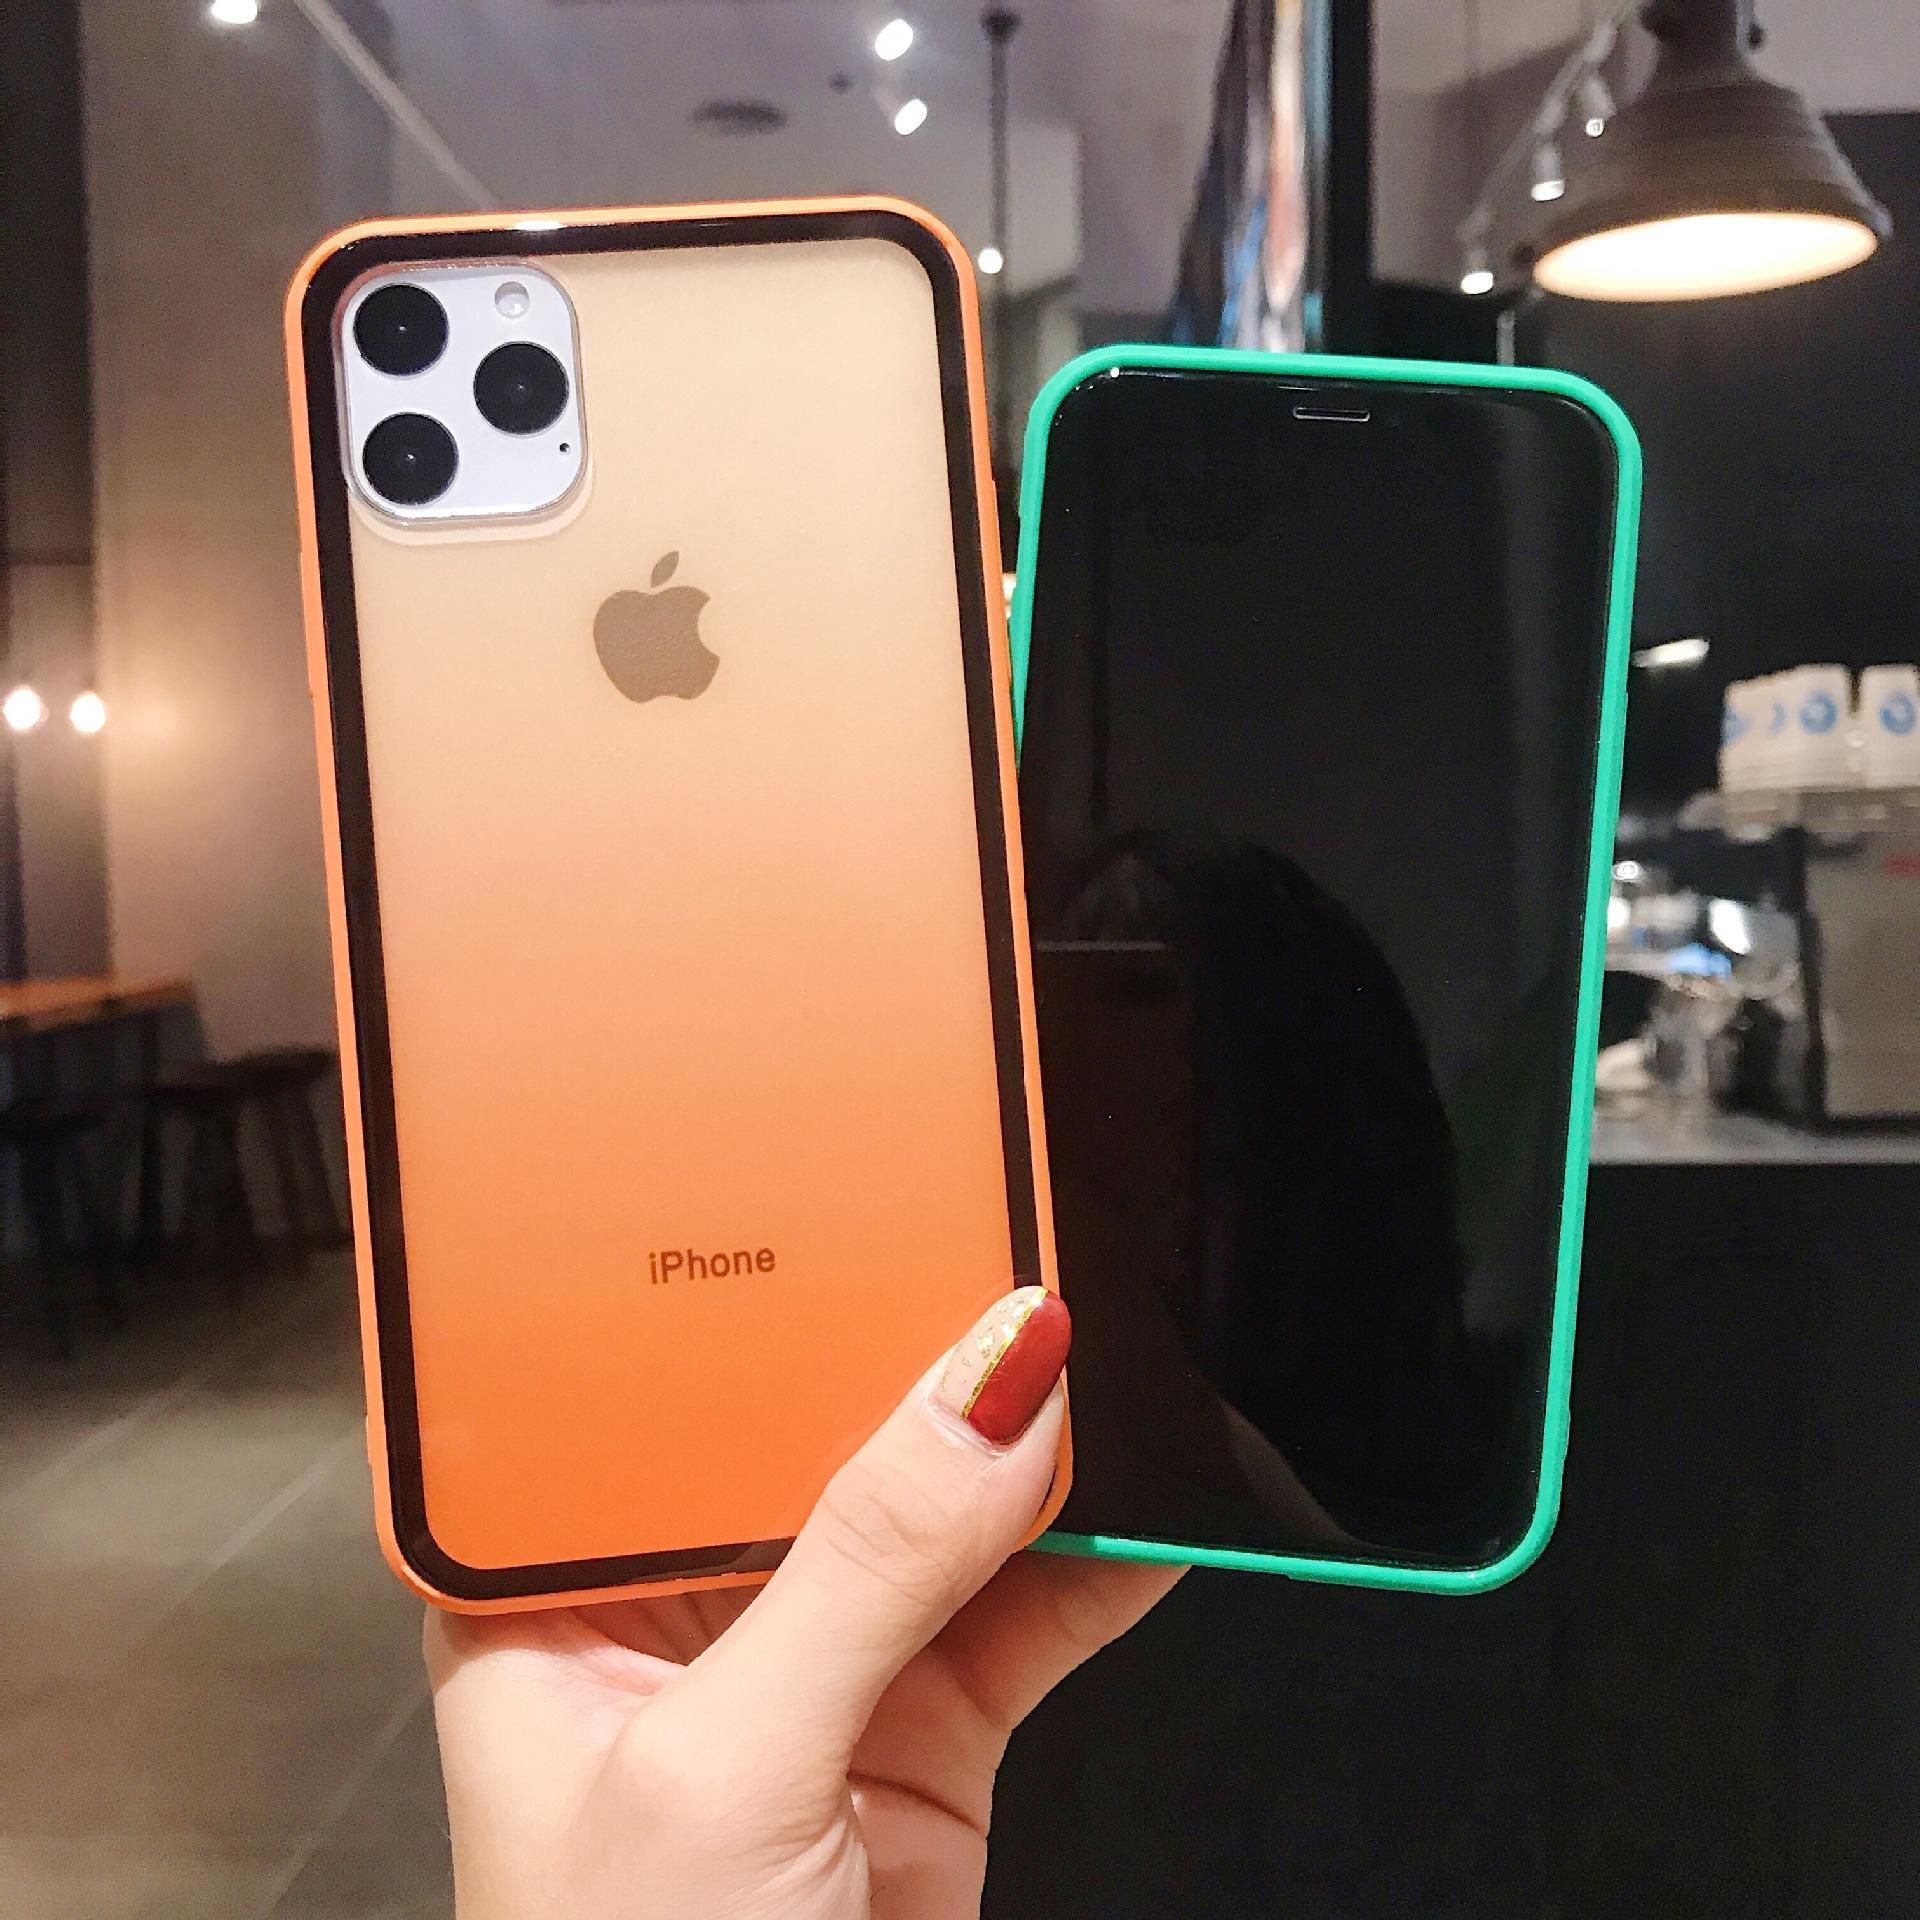 Радужная радуга градиентная рамка с уставкой очистной прозрачной защитной крышки Чехол для телефона для iPhone 12 Mini 11 Pro Max X XR XS 7 8 плюс